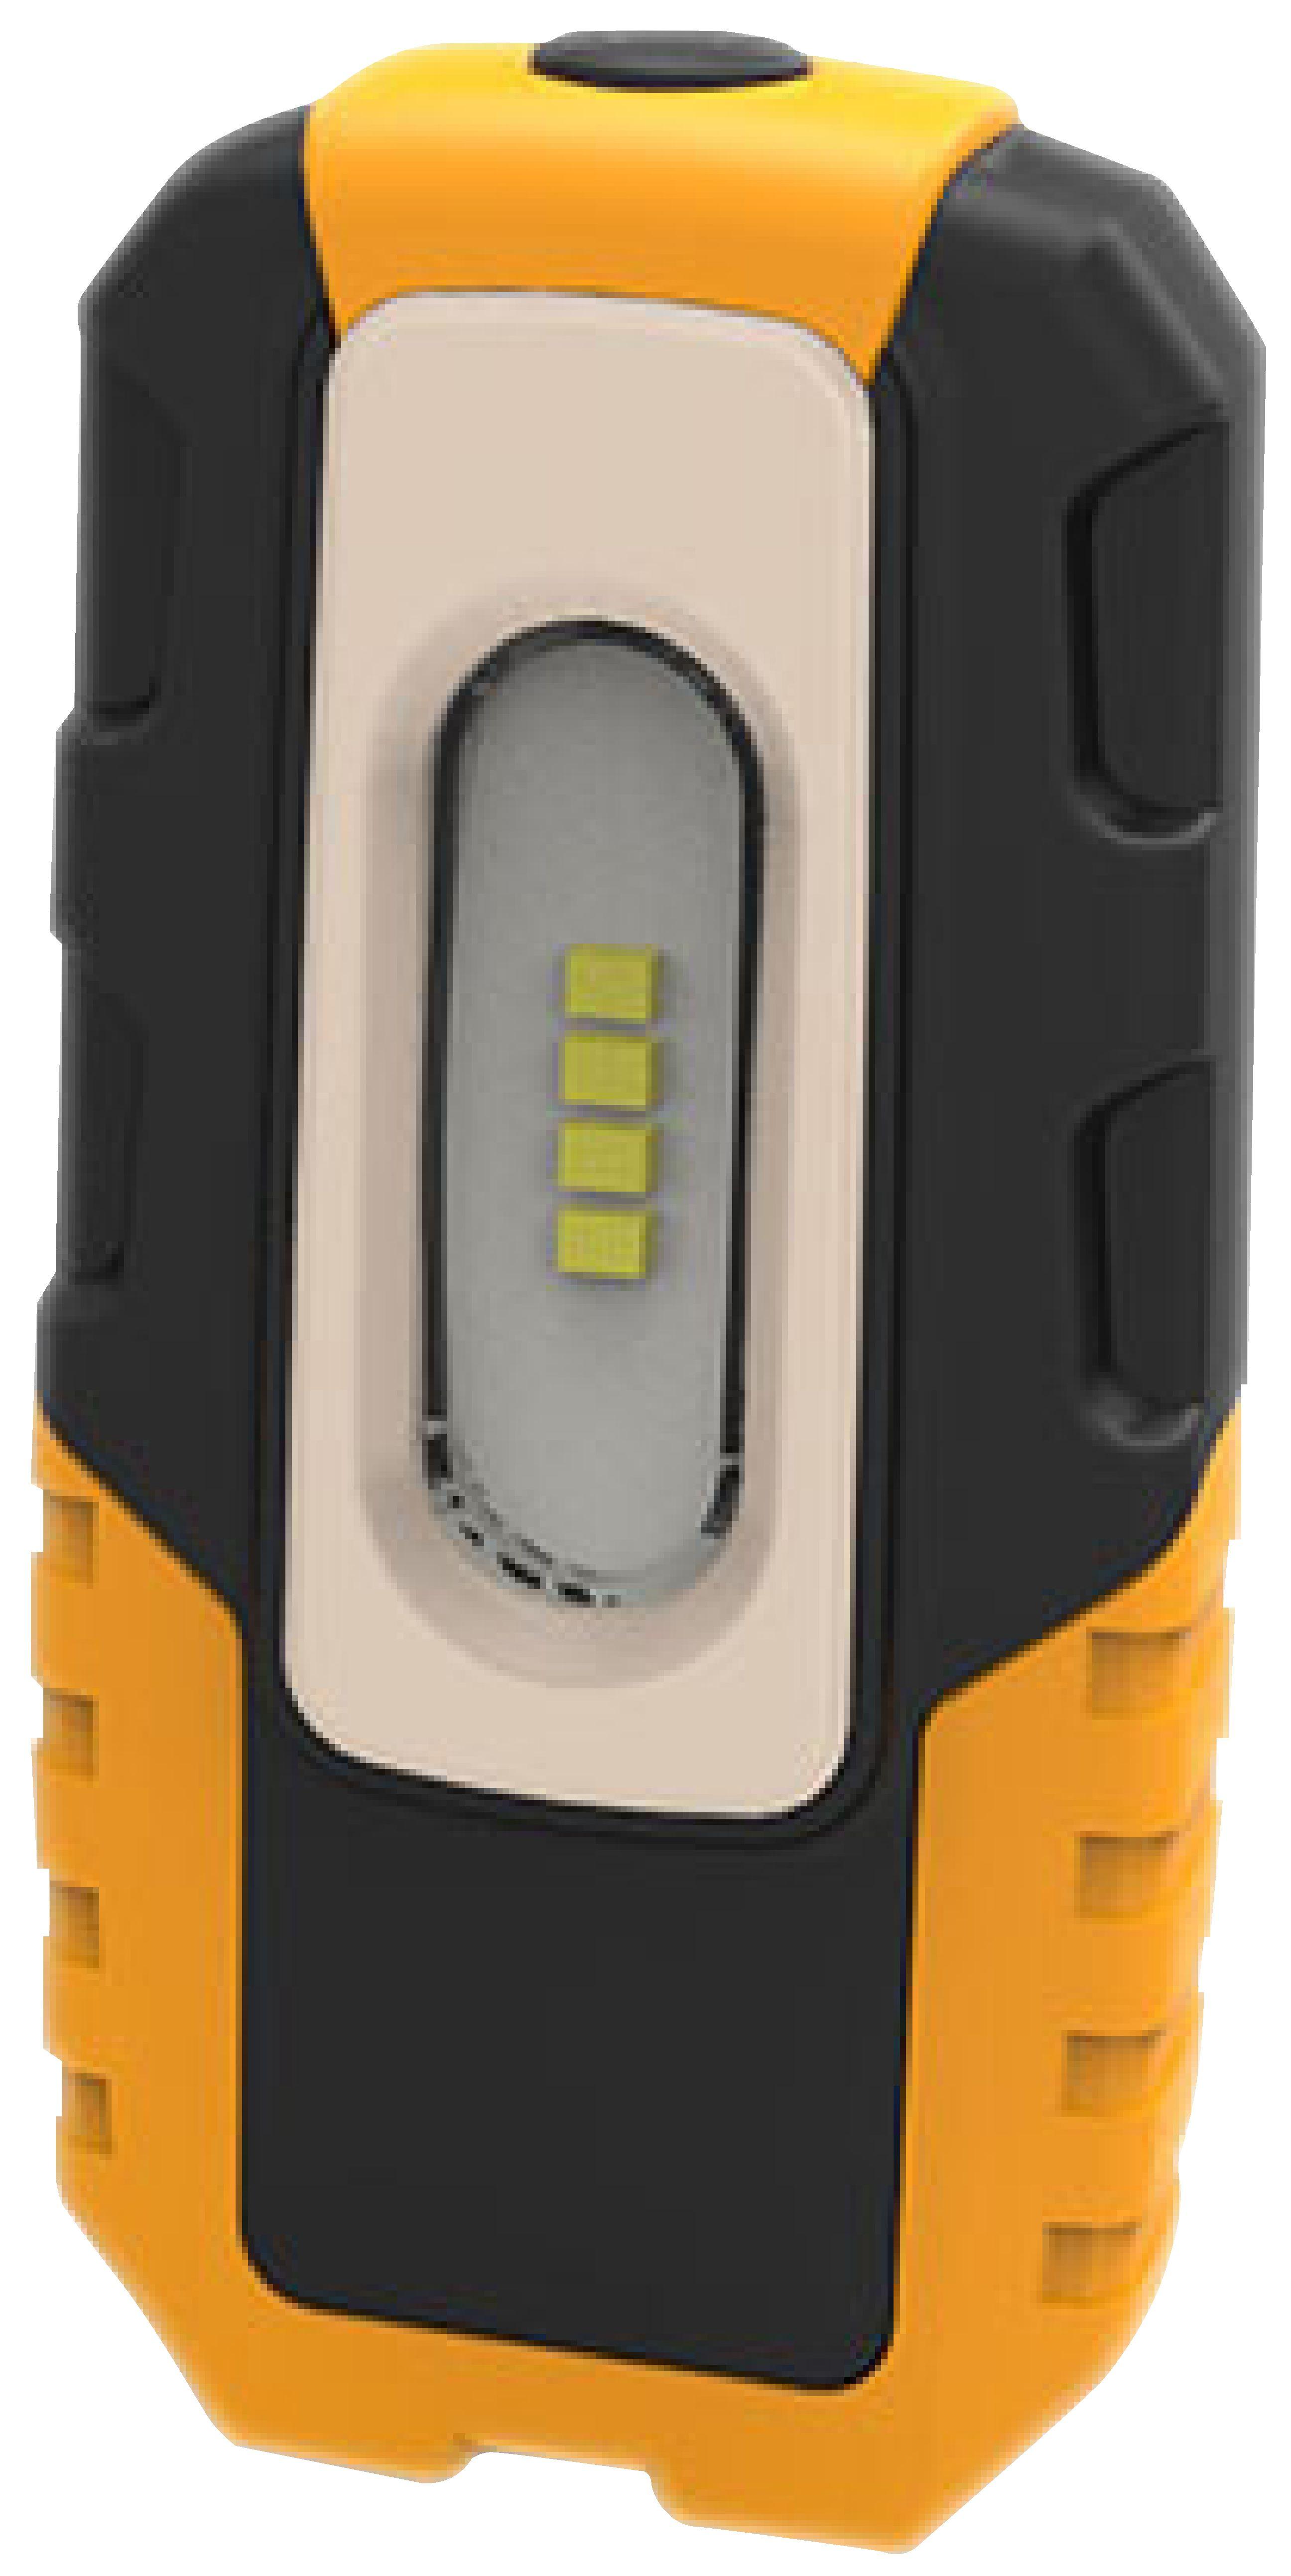 led-taschenlampe-100-lm-schwarz